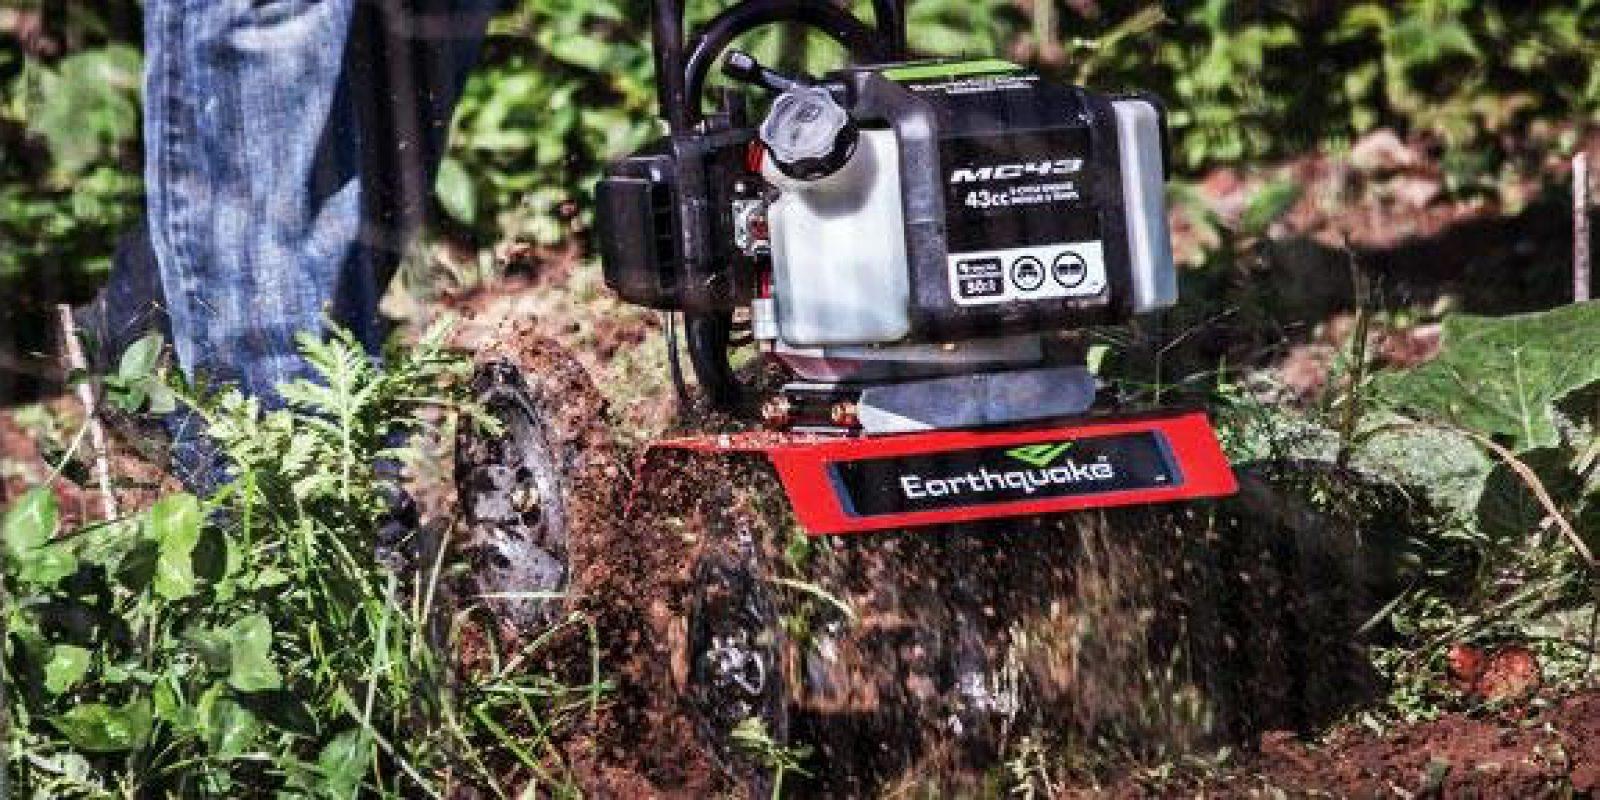 Earthquake MC43 Mini Cultivator